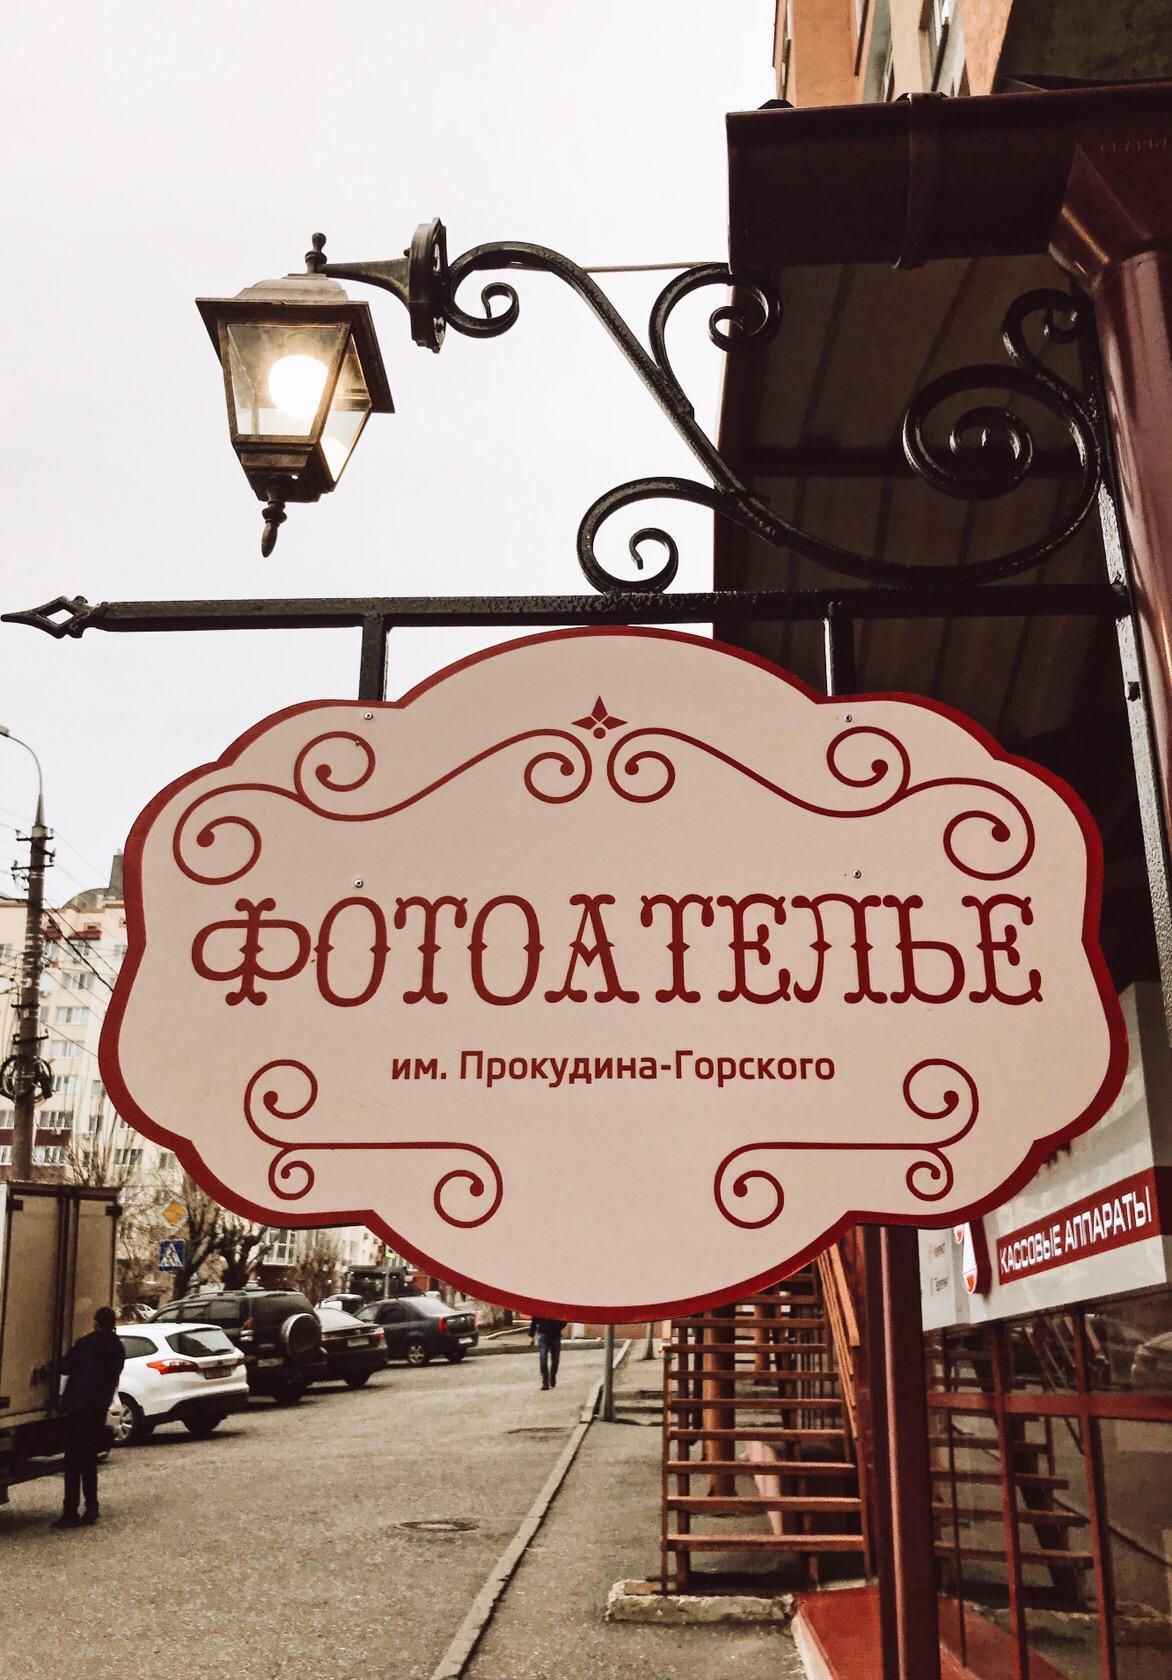 Фотоателье им. Прокудина-Горского2